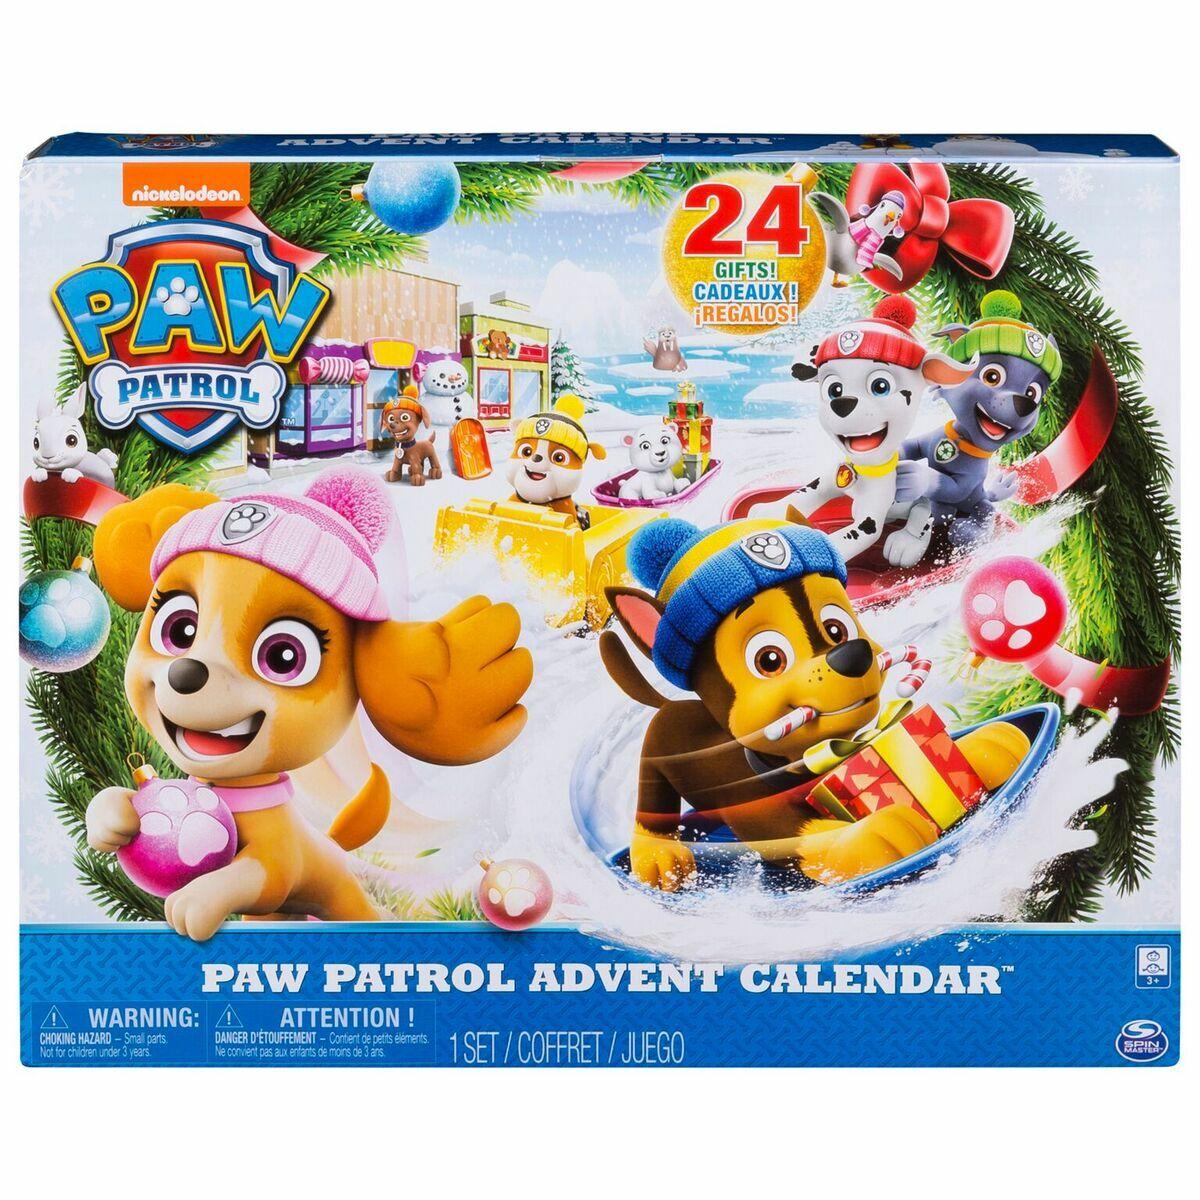 tavara joulukalenteri 2018 Ryhmä Hau joulukalenteri 2018   Lasten suosituimmat  tavara joulukalenteri 2018